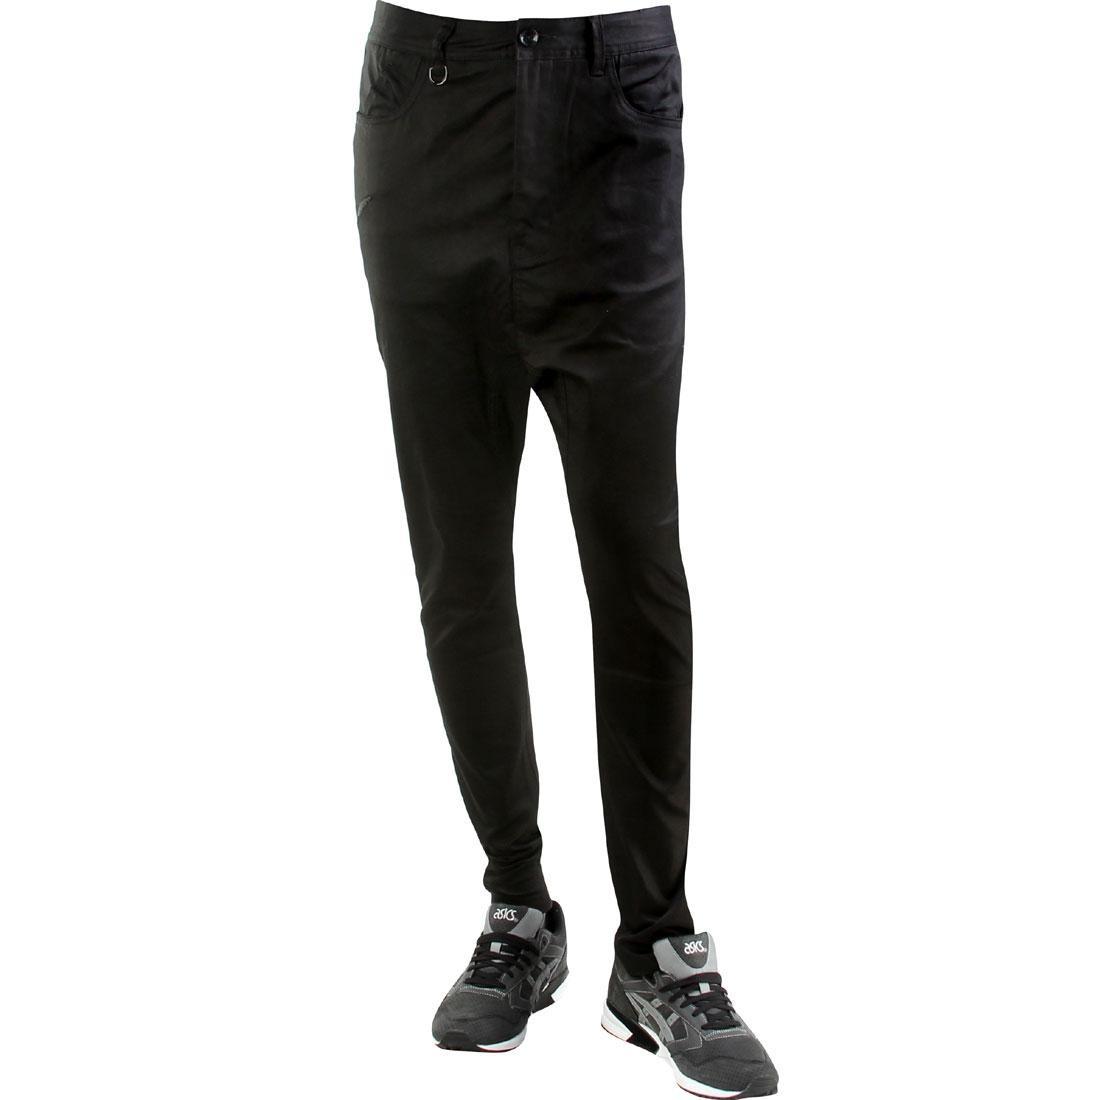 【海外限定】パブリッシュ メンズファッション ズボン 【 PUBLISH TOSH DROP STACK PANTS BLACK 】